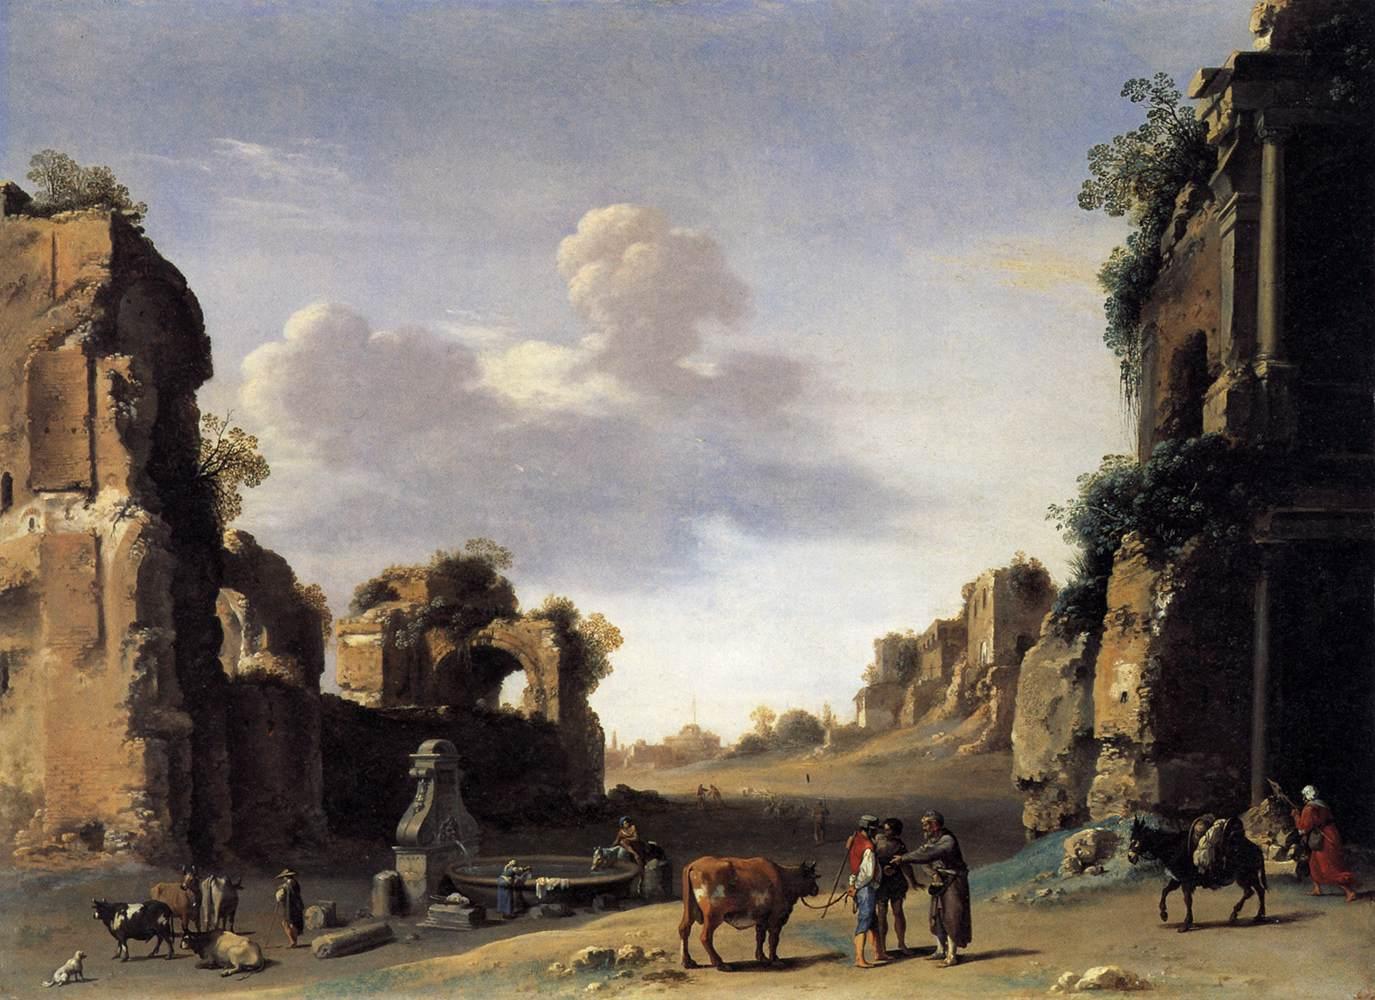 5 View_of_the_Campo_Vaccino_1620_Cornelis_van_Poelenburch.jpg